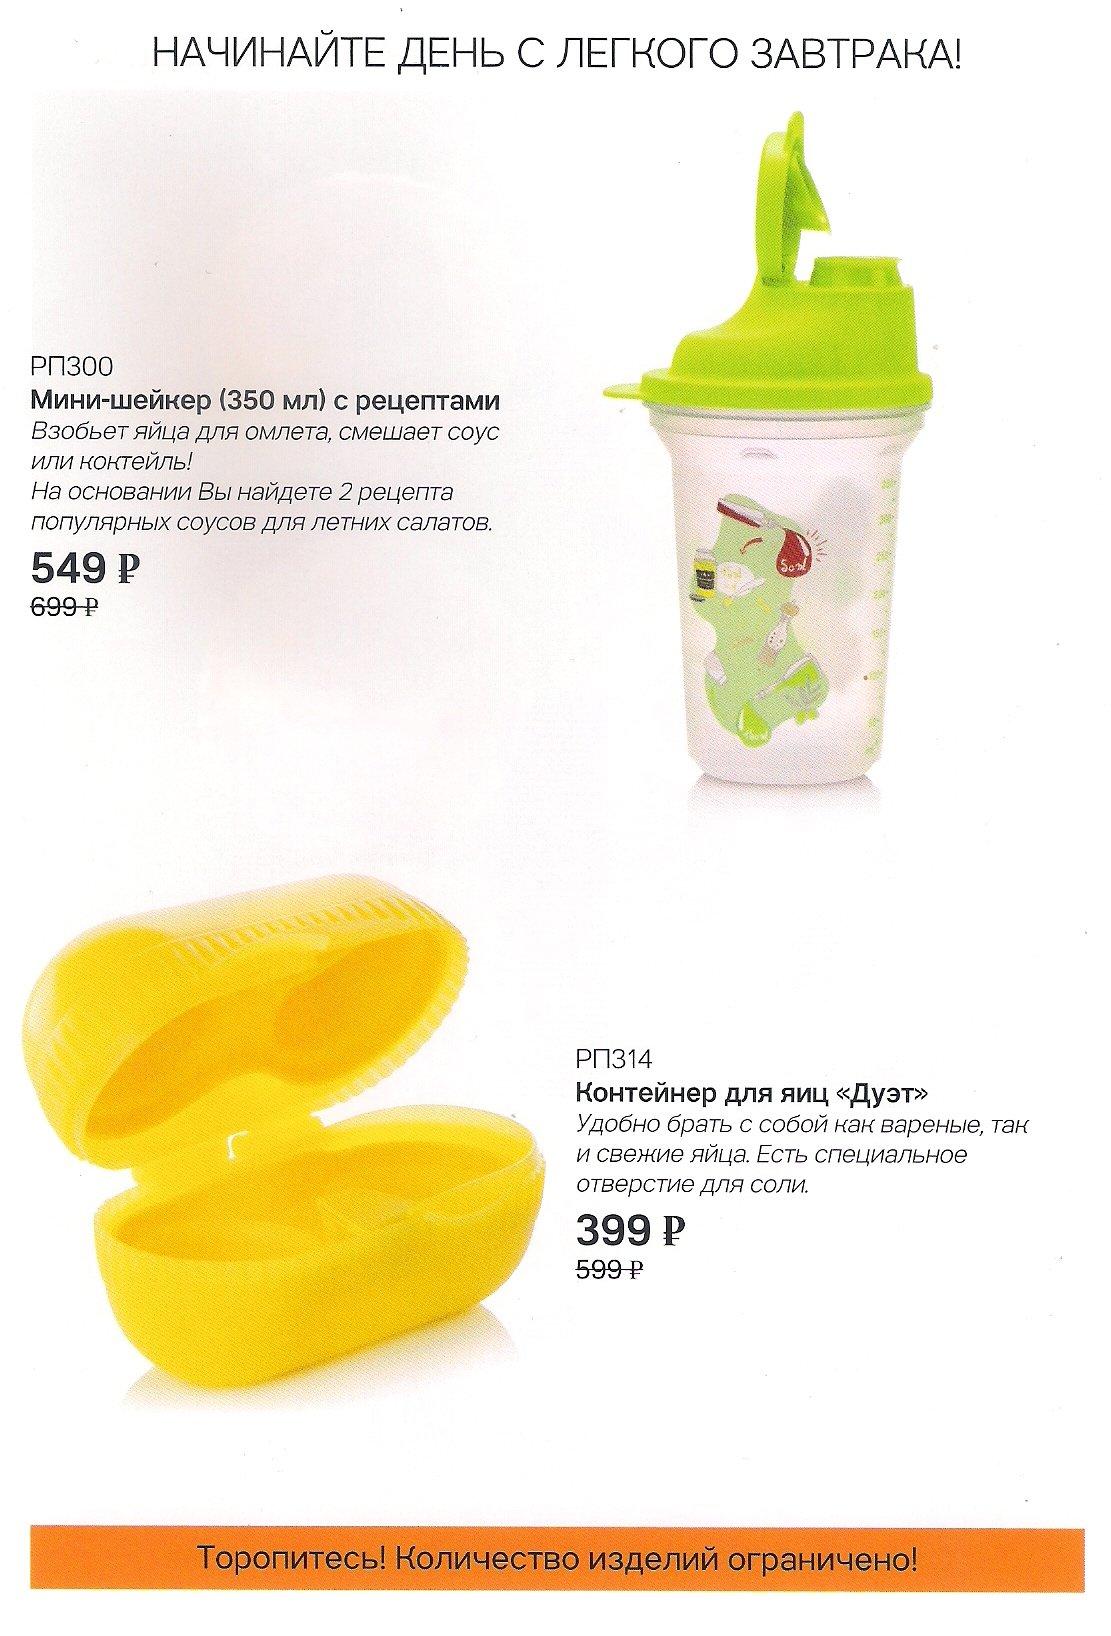 http://tupperware-online.ru/images/upload/2c.jpg